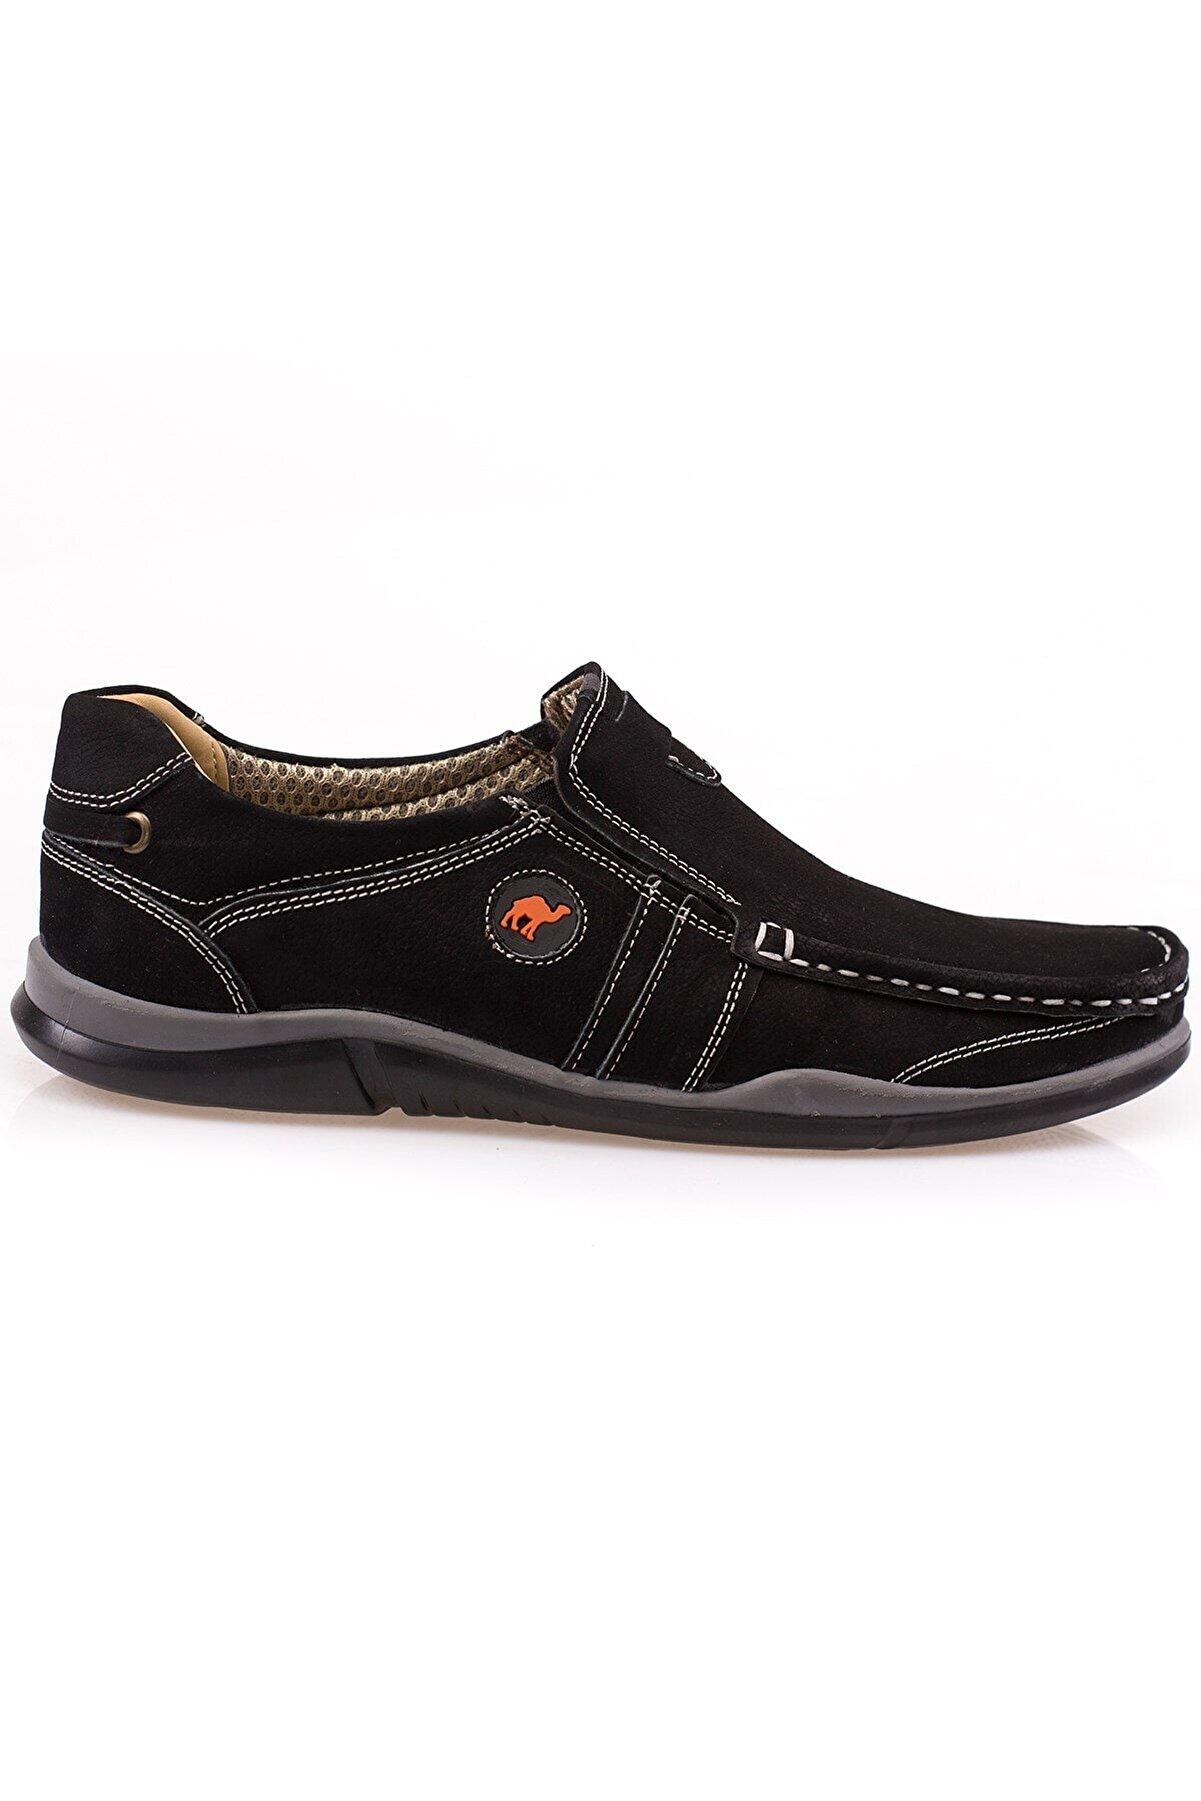 maximoda Erkek Siyah Hakiki Nubuk Deri Ortopedik Bağcıksız 3 Farklı Renkte Yazlık Ayakkabı